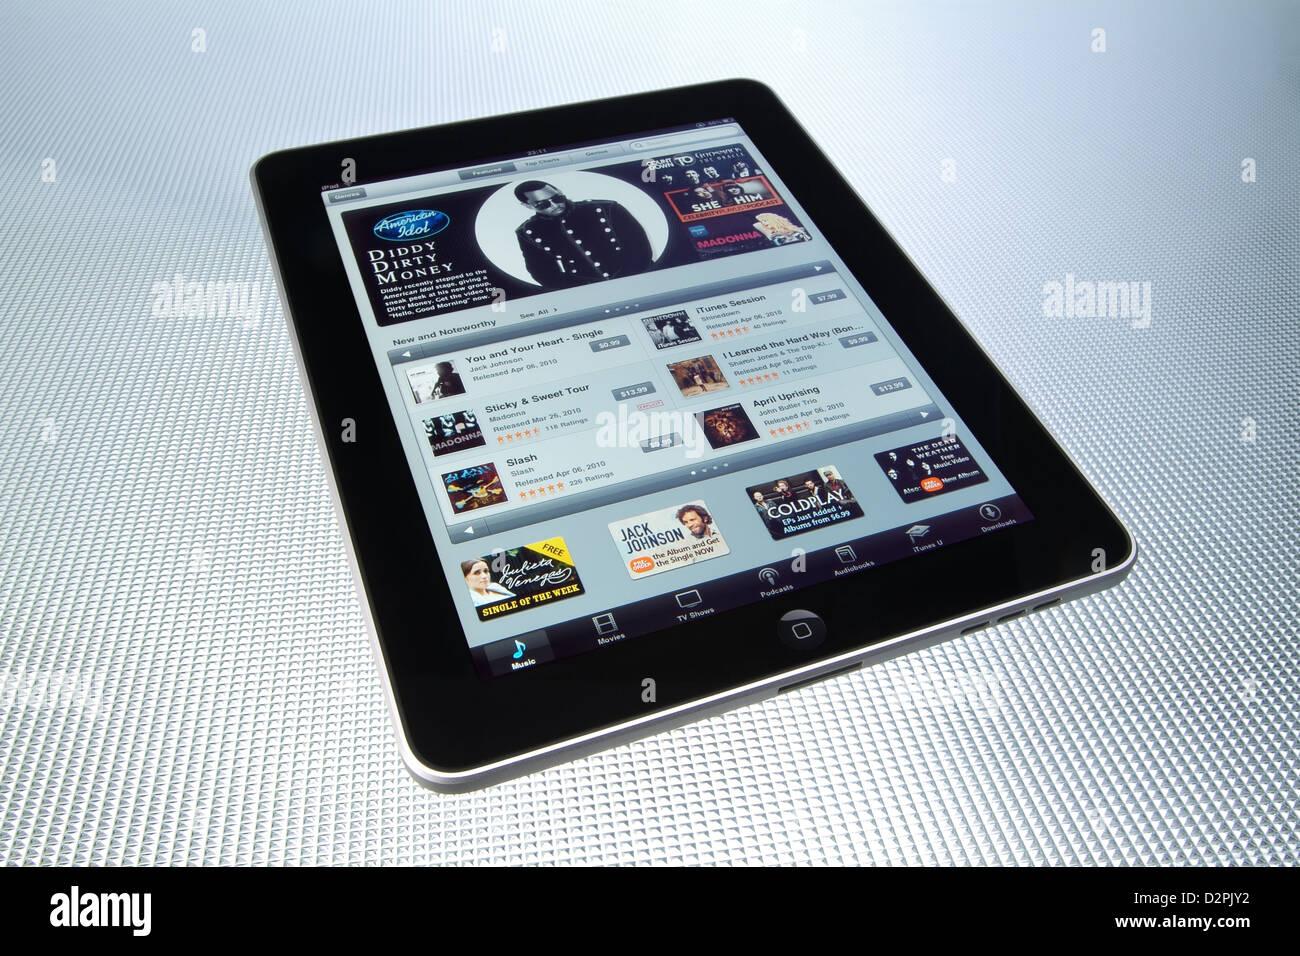 Hamburgo, Alemania, a través de la iPad con adquirir y descargar música de iTunes Imagen De Stock